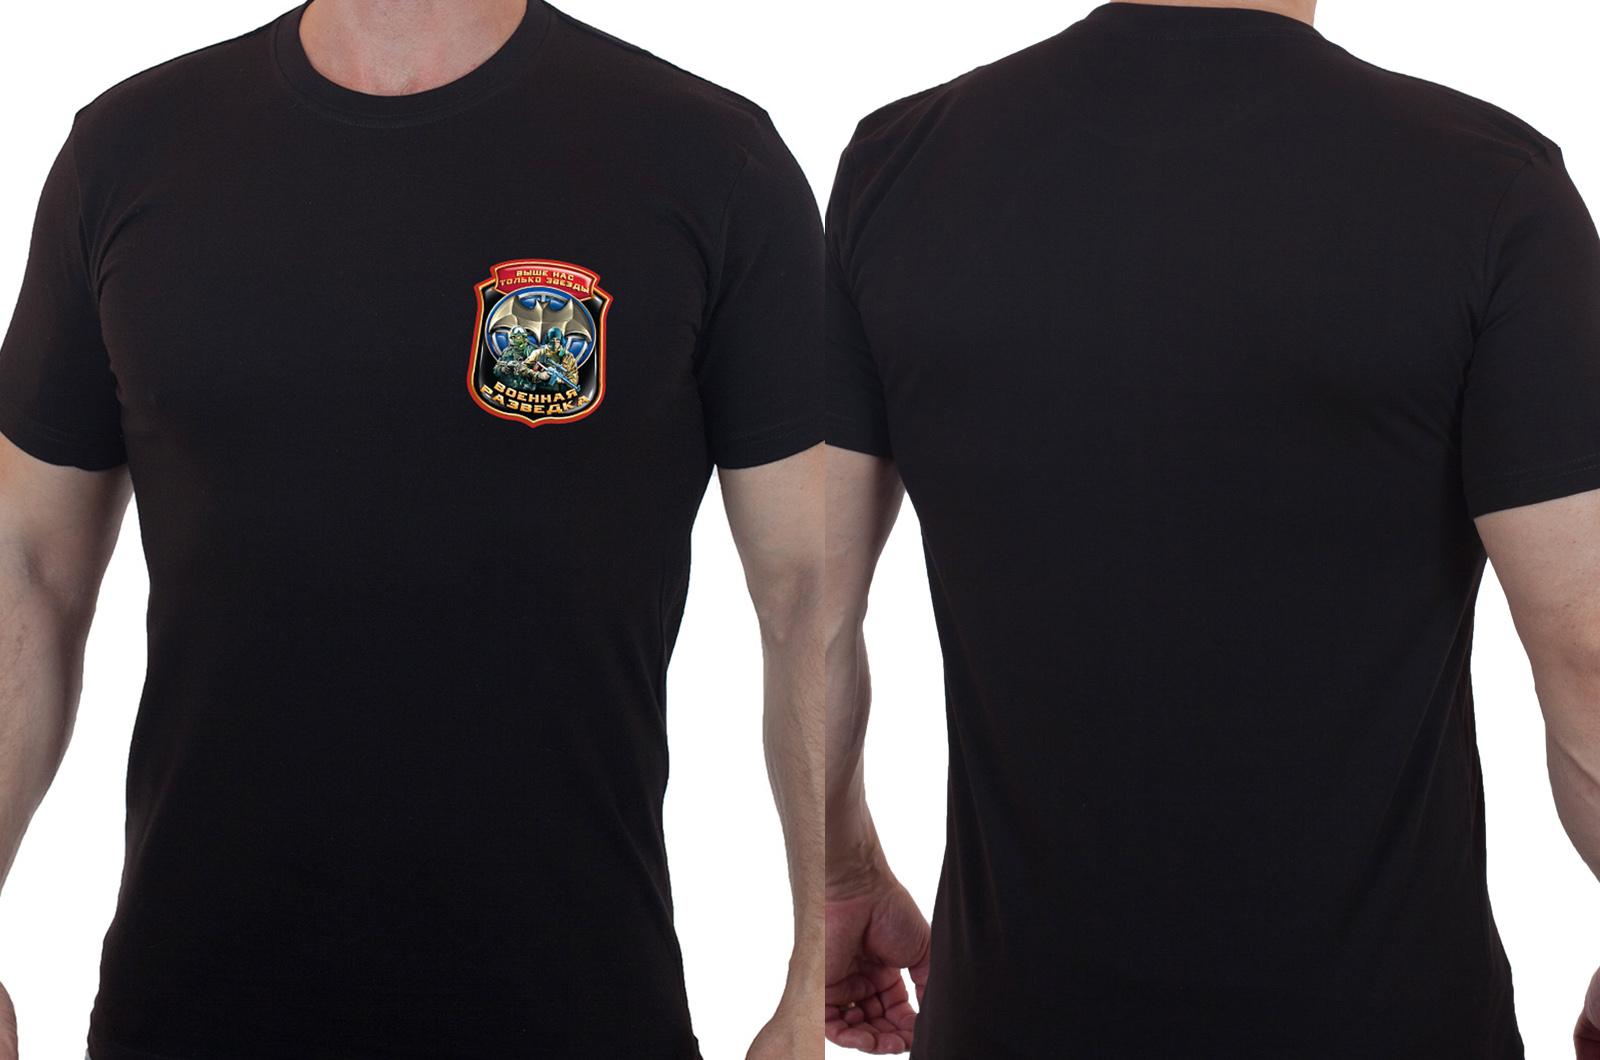 Достойная футболка Военная разведка.